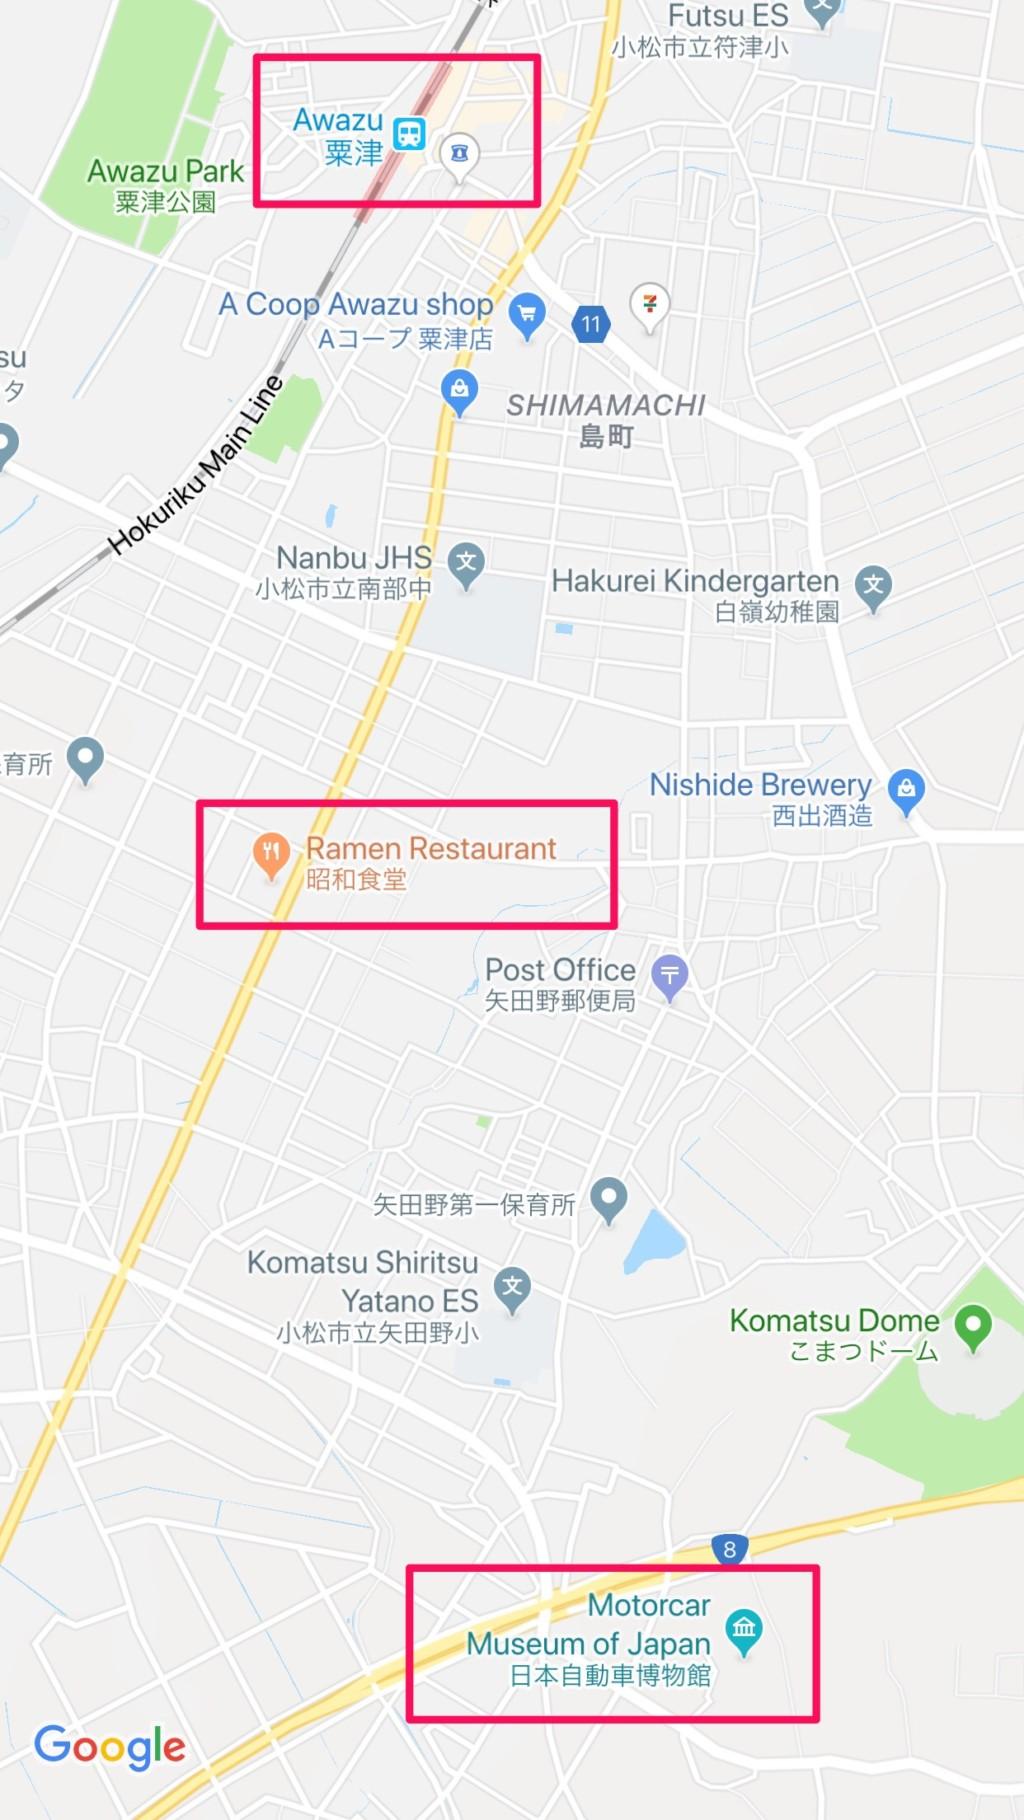 赤ワクを上から順に、「JR粟津駅」、「昭和食堂」、「日本自動車博物館」